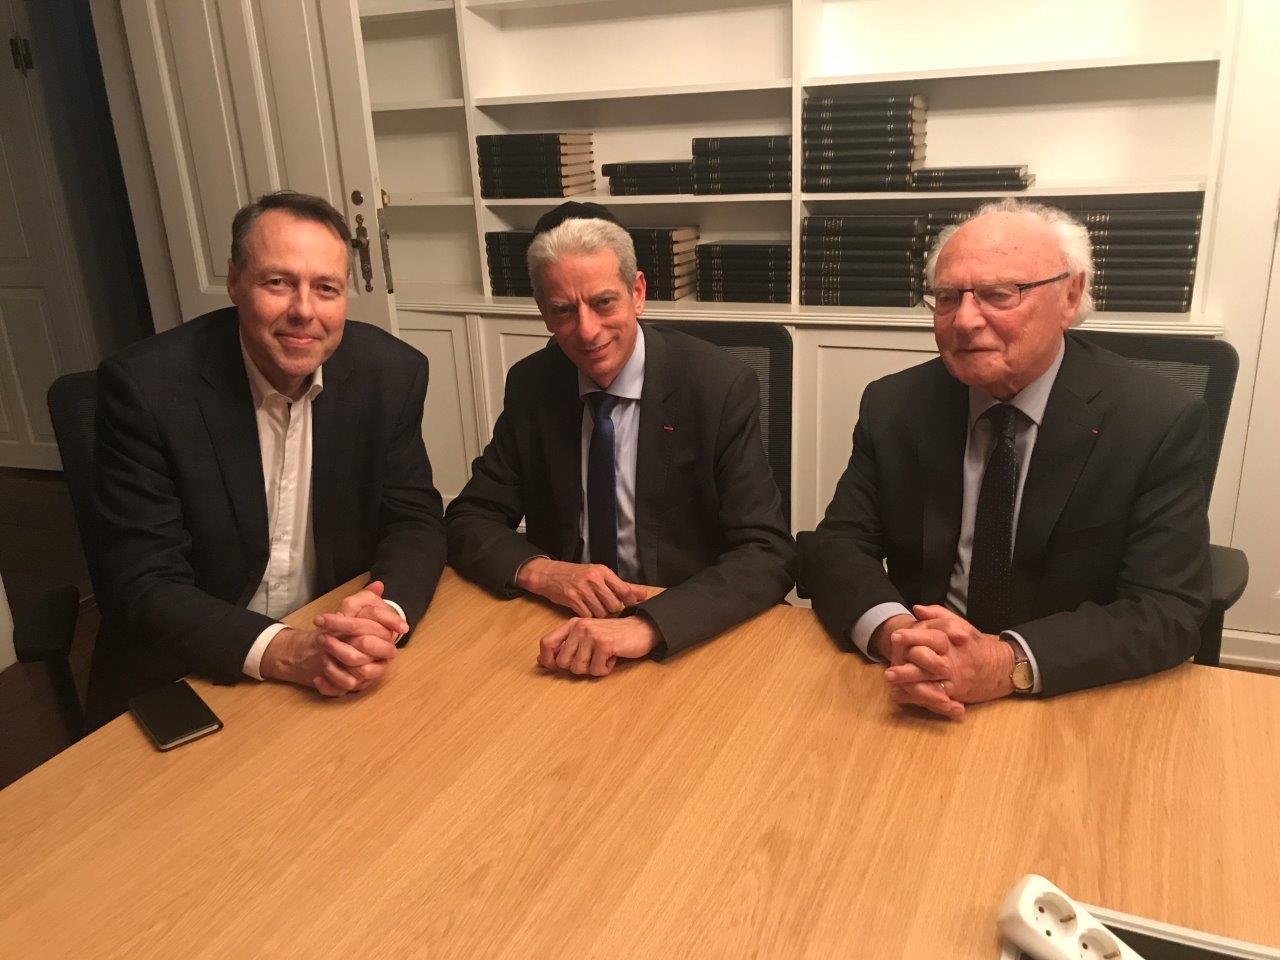 הרב לוין ופרופ לובל עם חבר הפרלמנט האיסלנדי היחיד שהתנגד לחוק